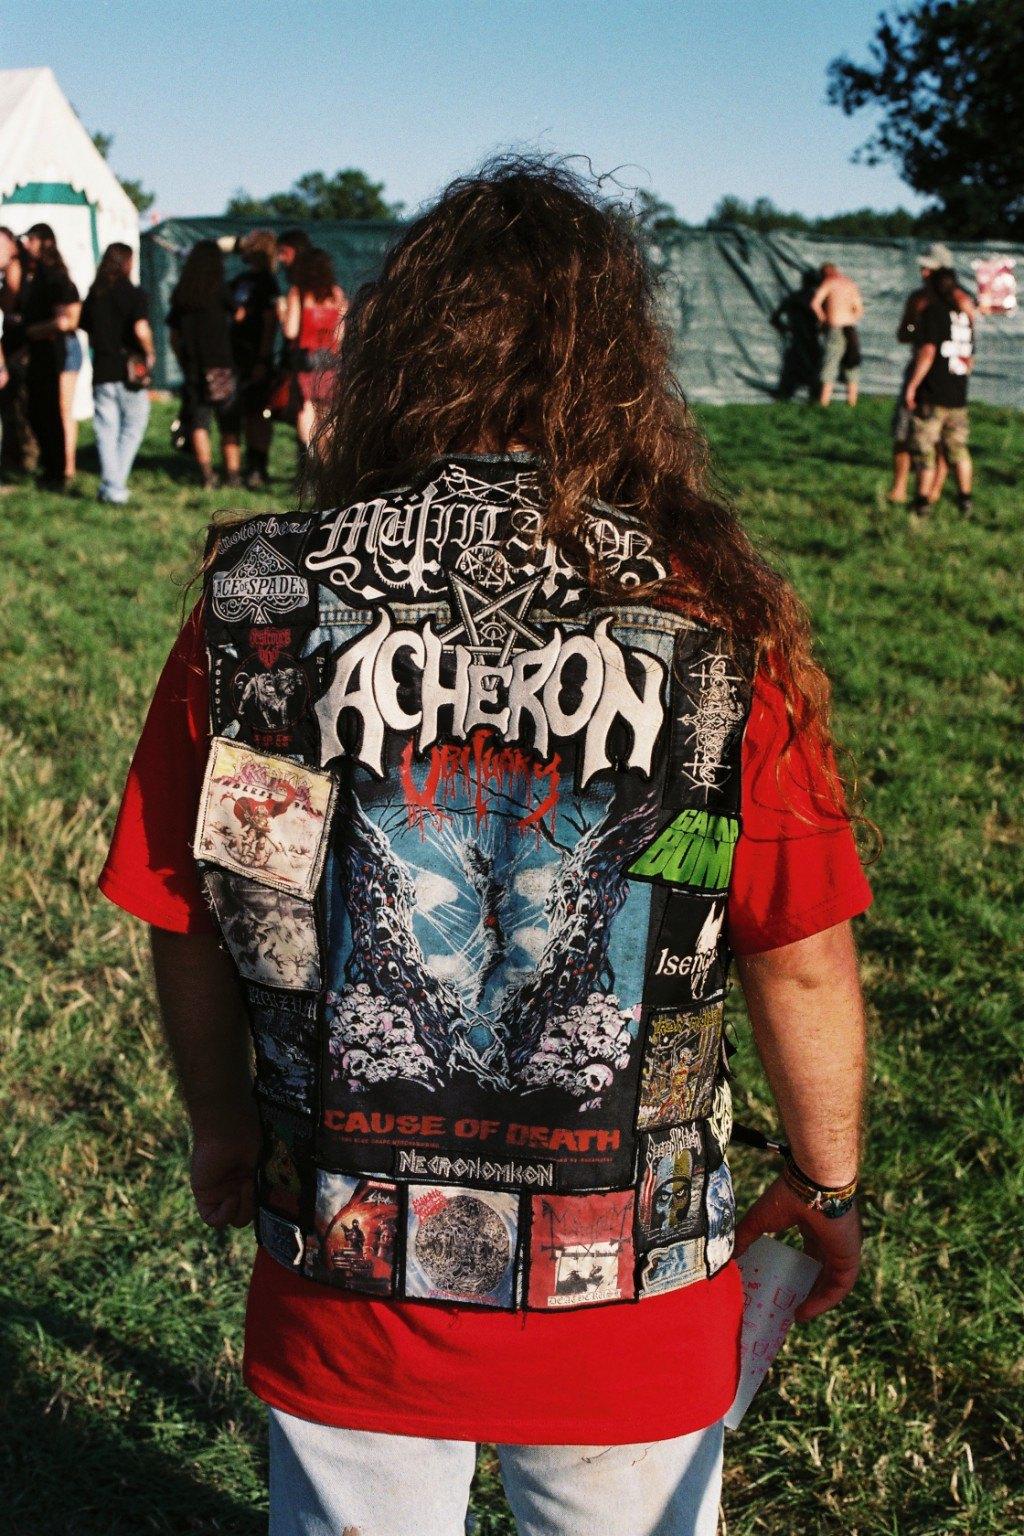 Цельнометаллическая оболочка: Путеводитель по курткам металлистов в формате фоторепортажа. Изображение № 41.